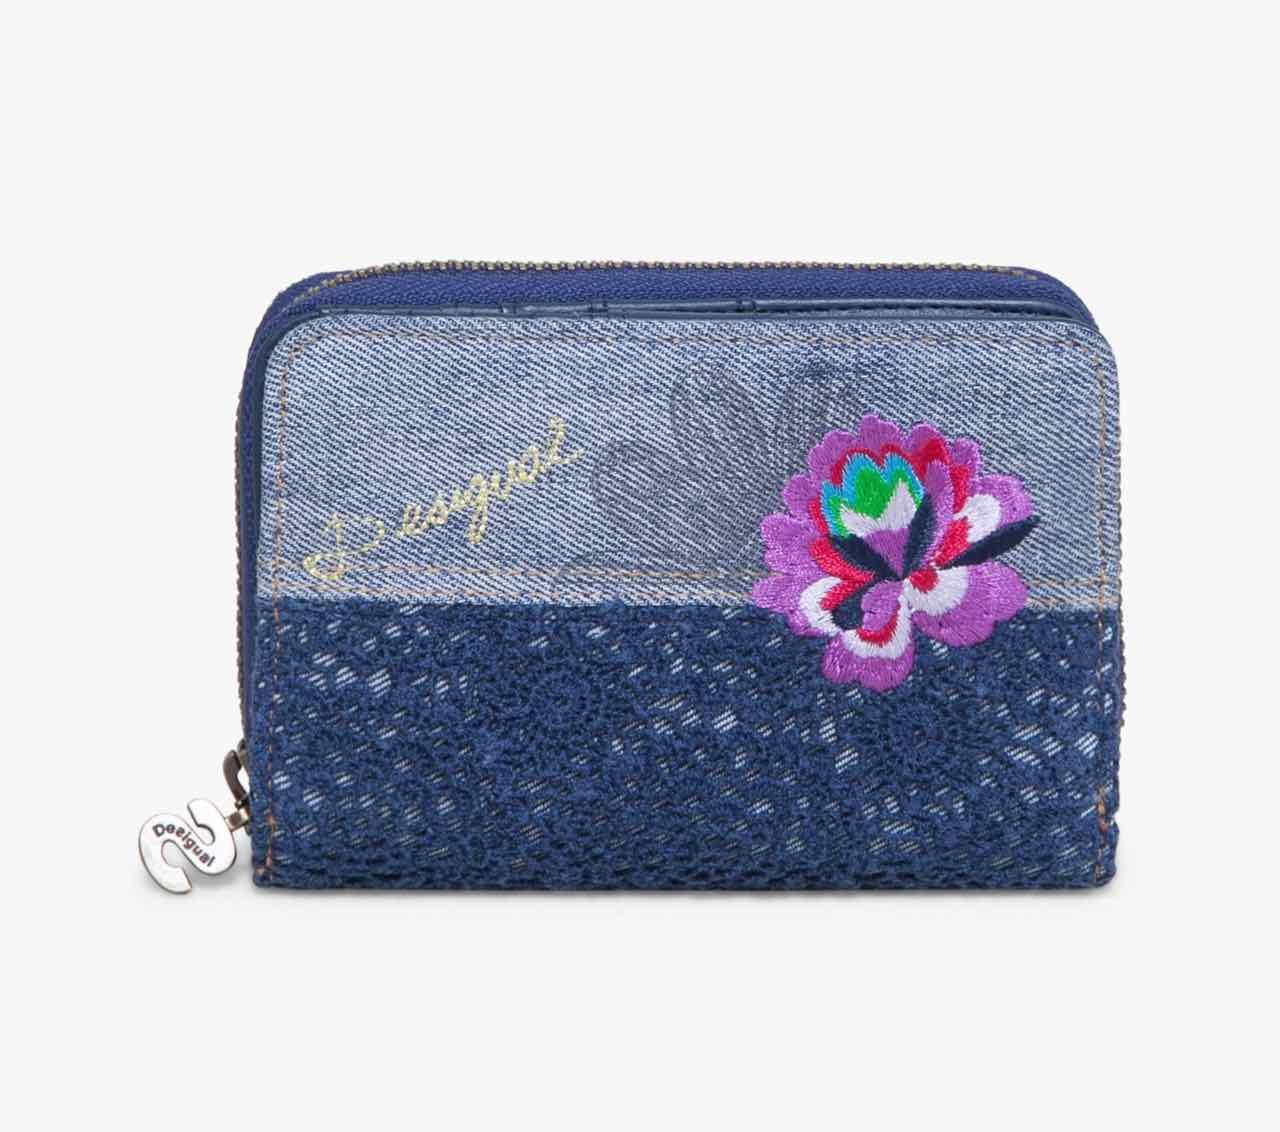 72Y9JH0_5001 Desigual Wallet Exotic Jean Buy Online